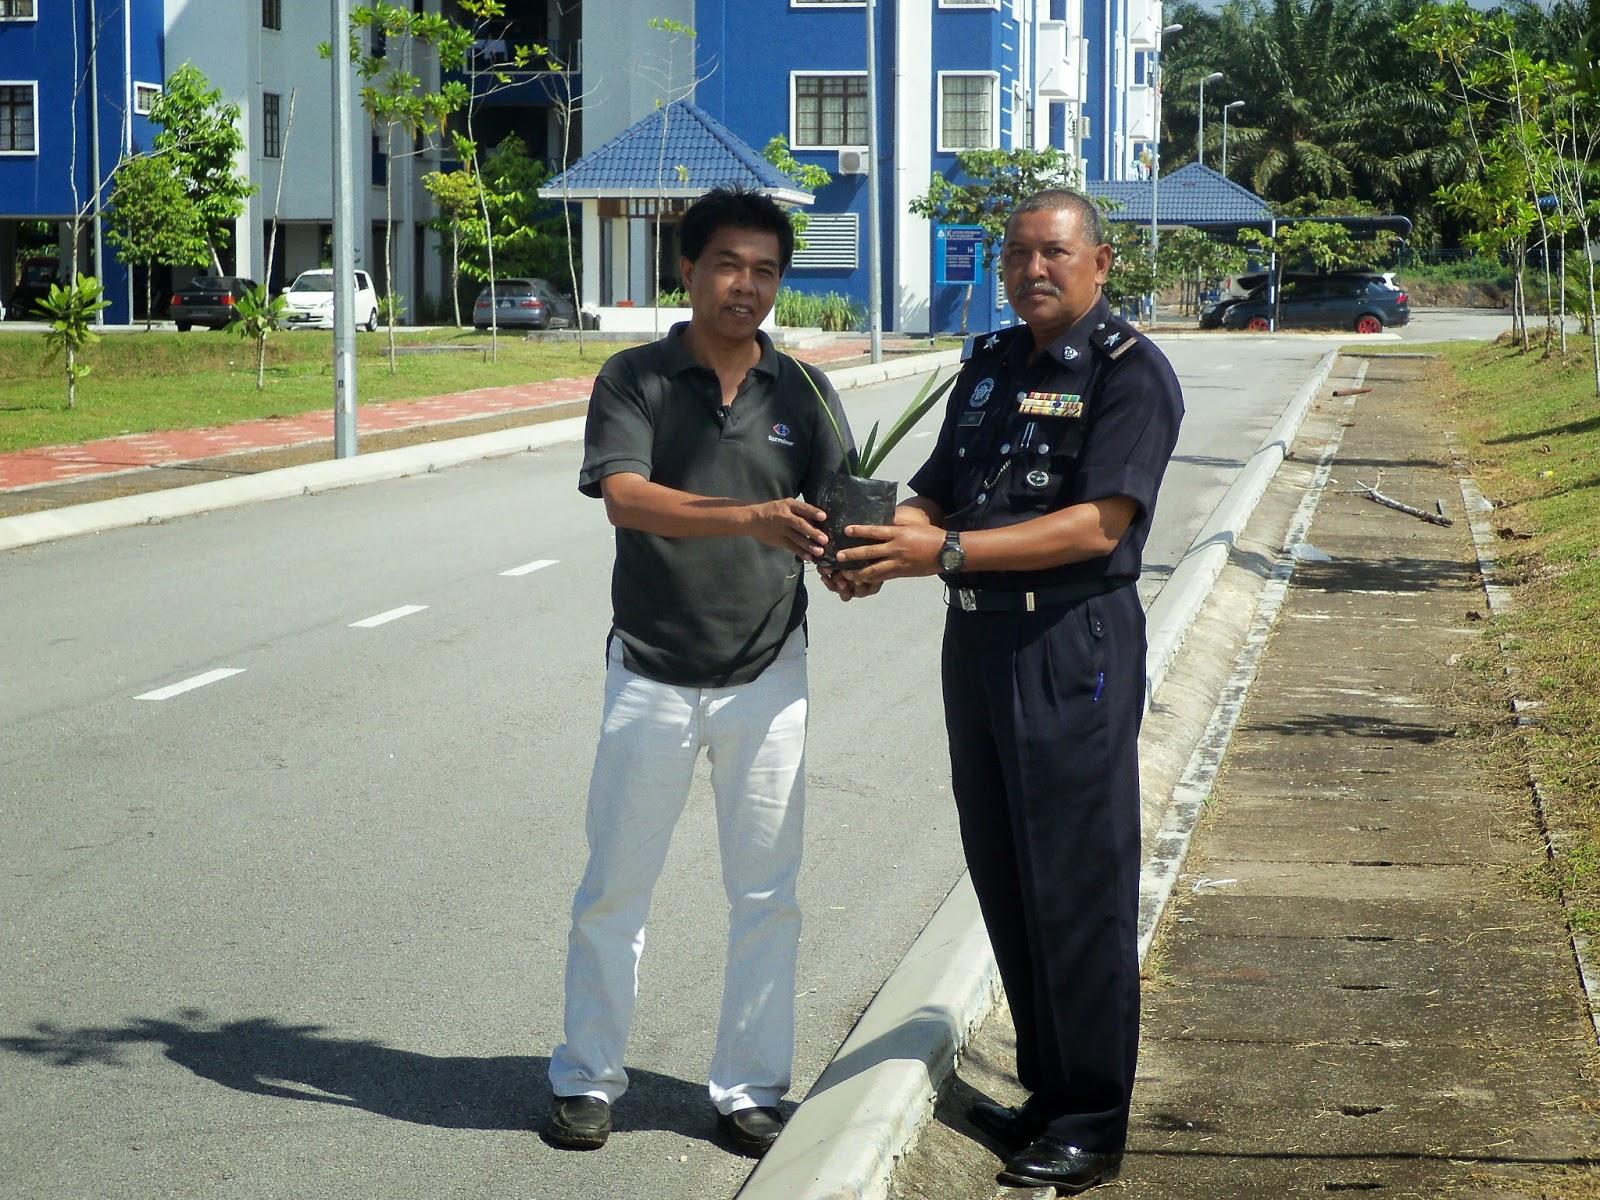 Syful Tamar Hari Polis Ke 207